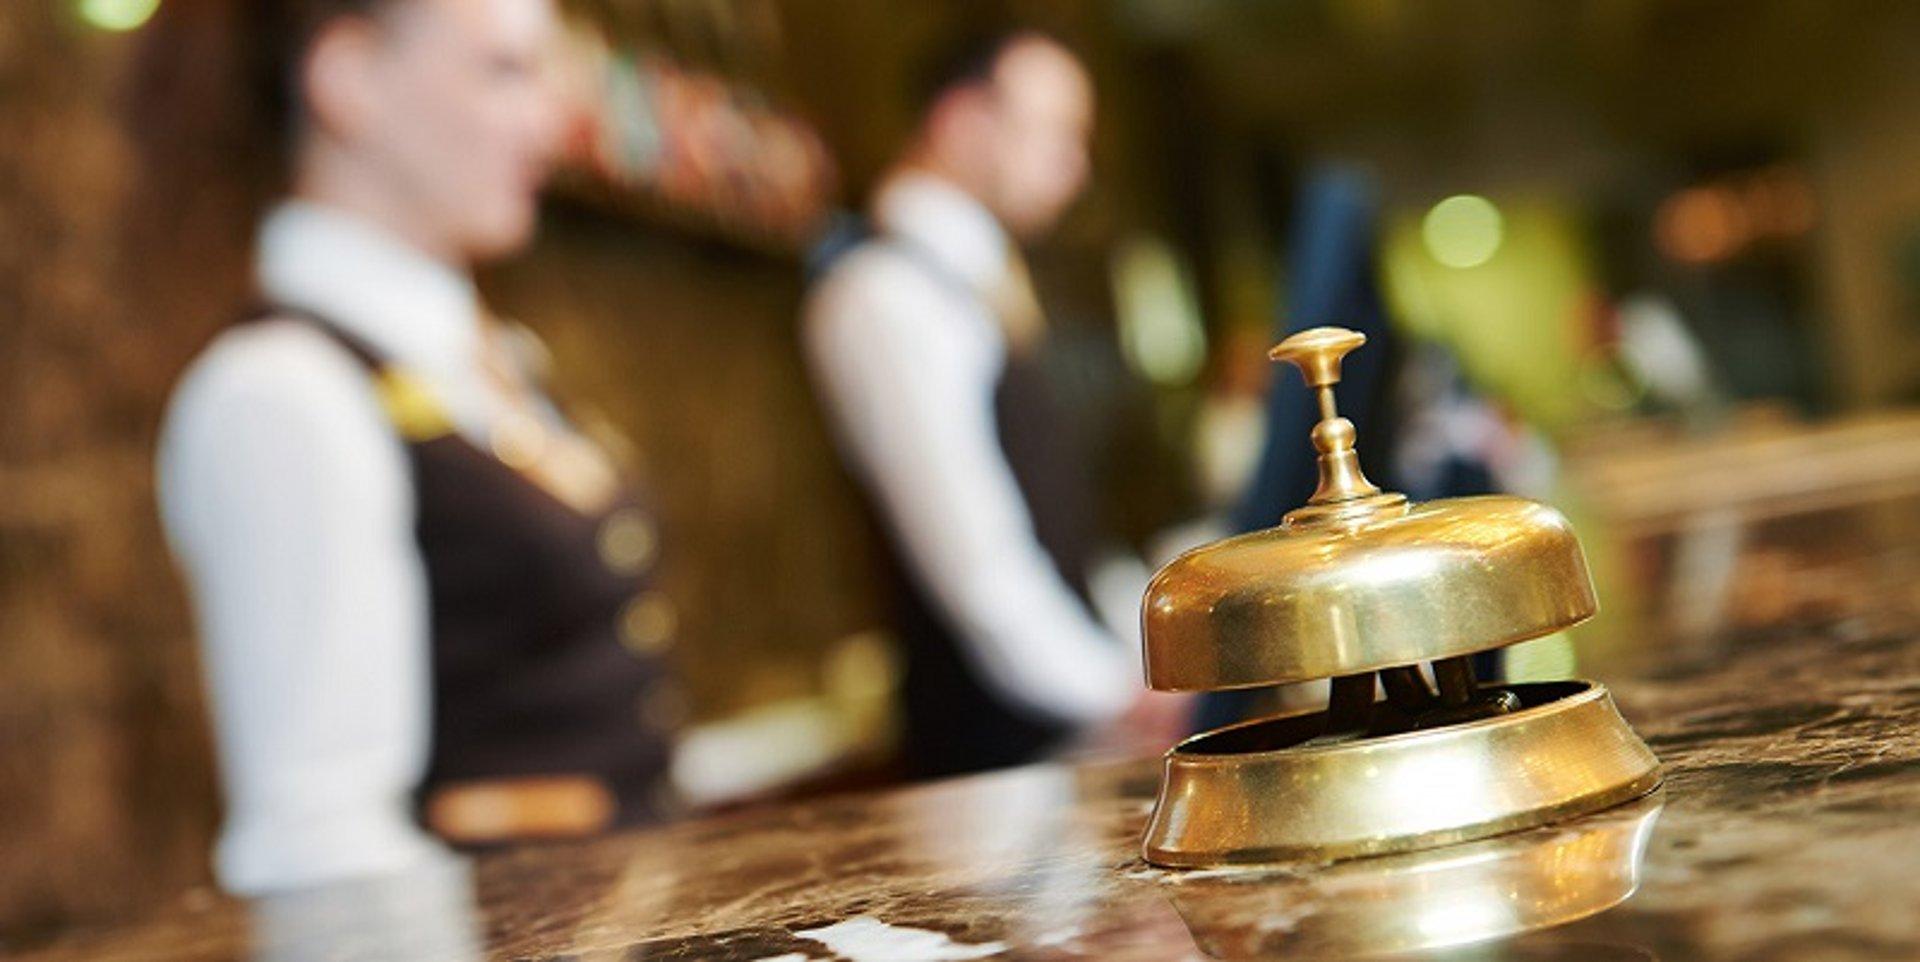 Lavoratori - Formazione generale e specifica Basso rischio Turismo - 8 ore